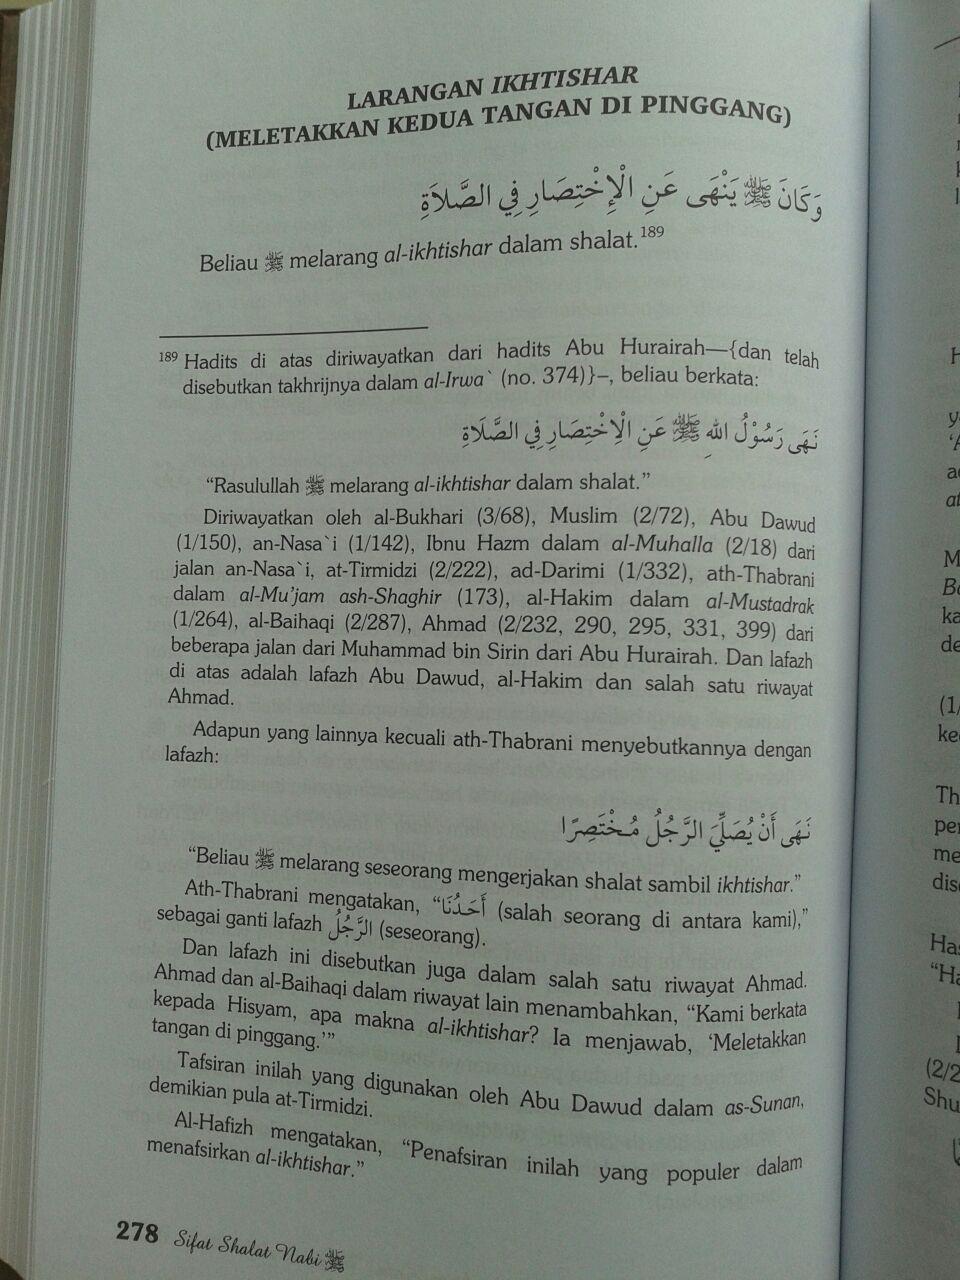 Buku Sifat Shalat Nabi Edisi Lengkap 3 Jilid isi 3